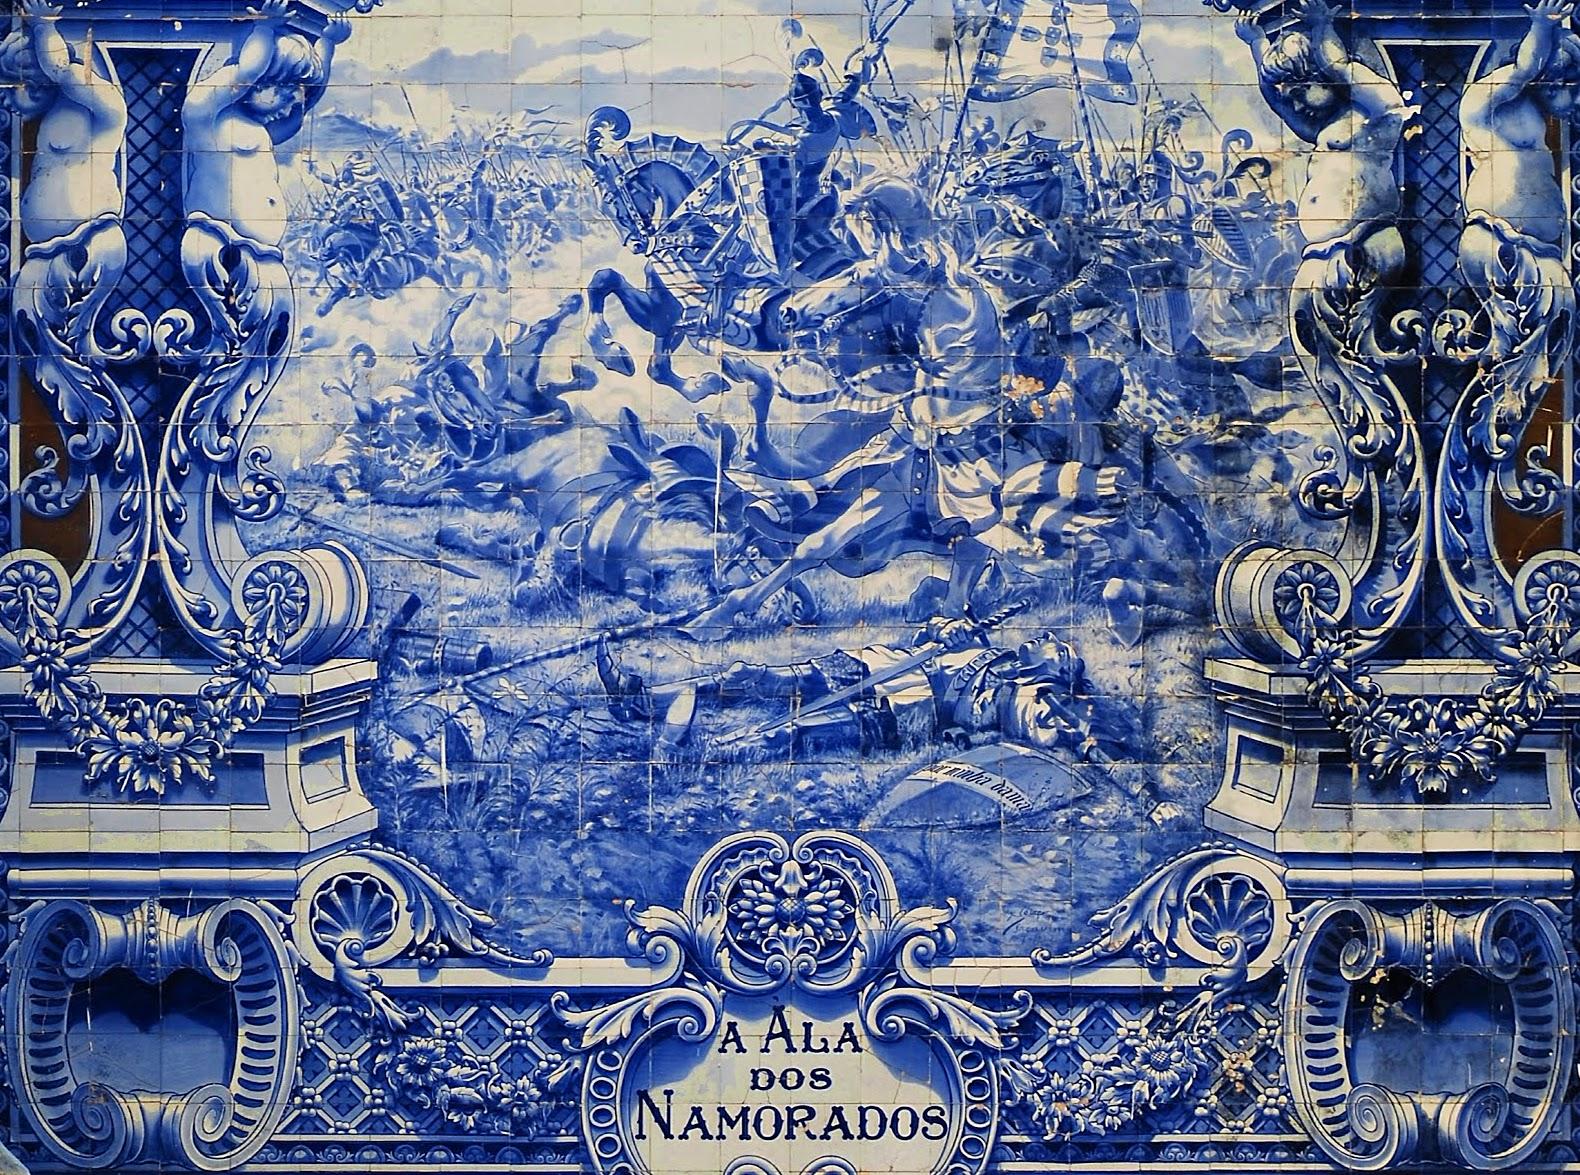 O di rio da hist ria janeiro 2016 for Azulejos historia